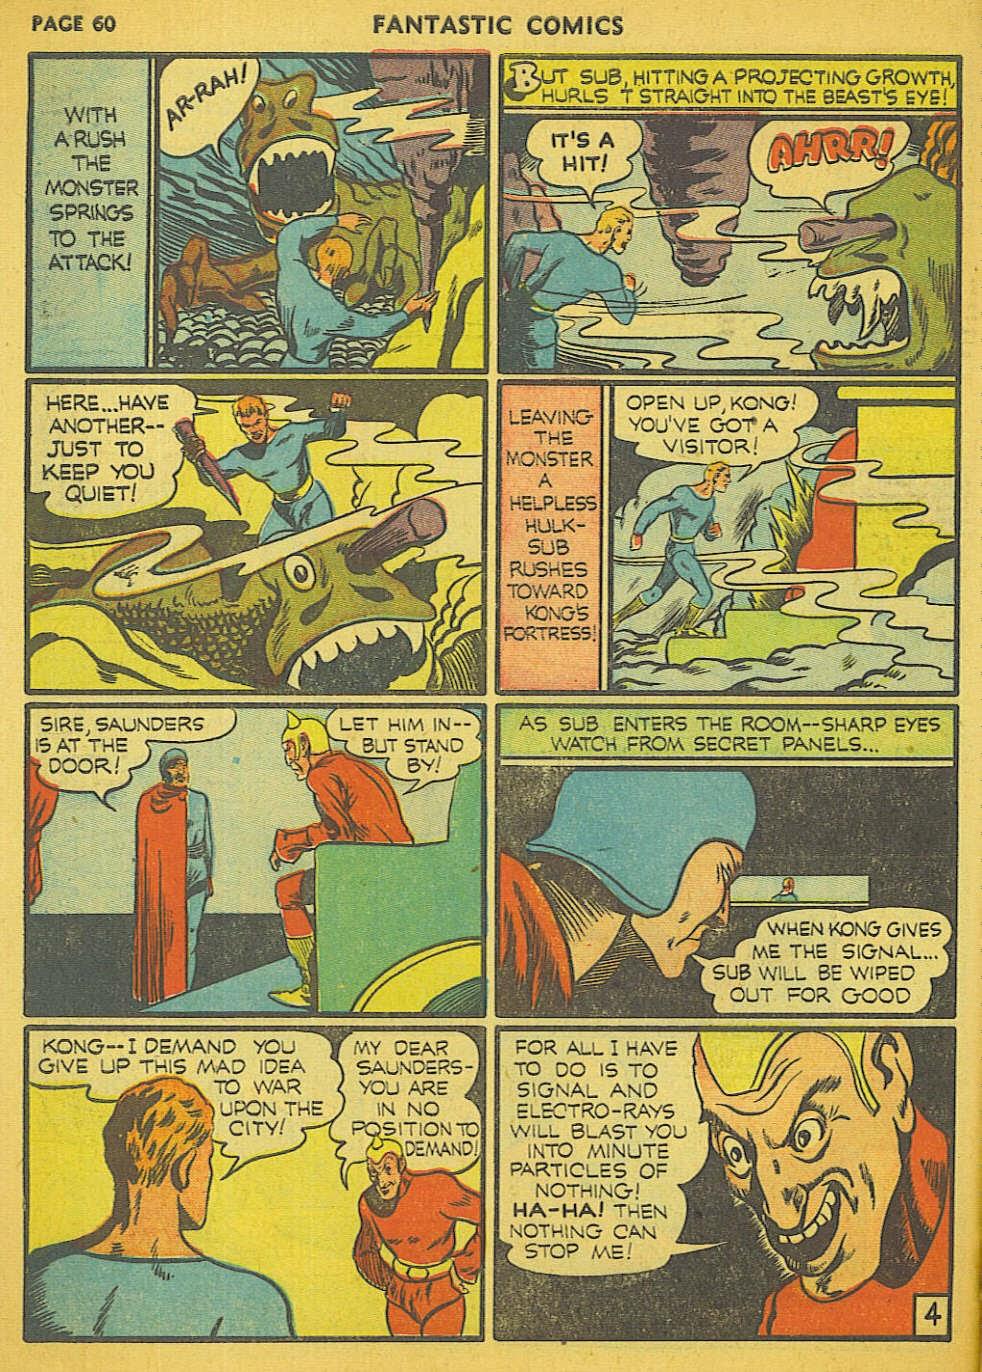 Read online Fantastic Comics comic -  Issue #15 - 56